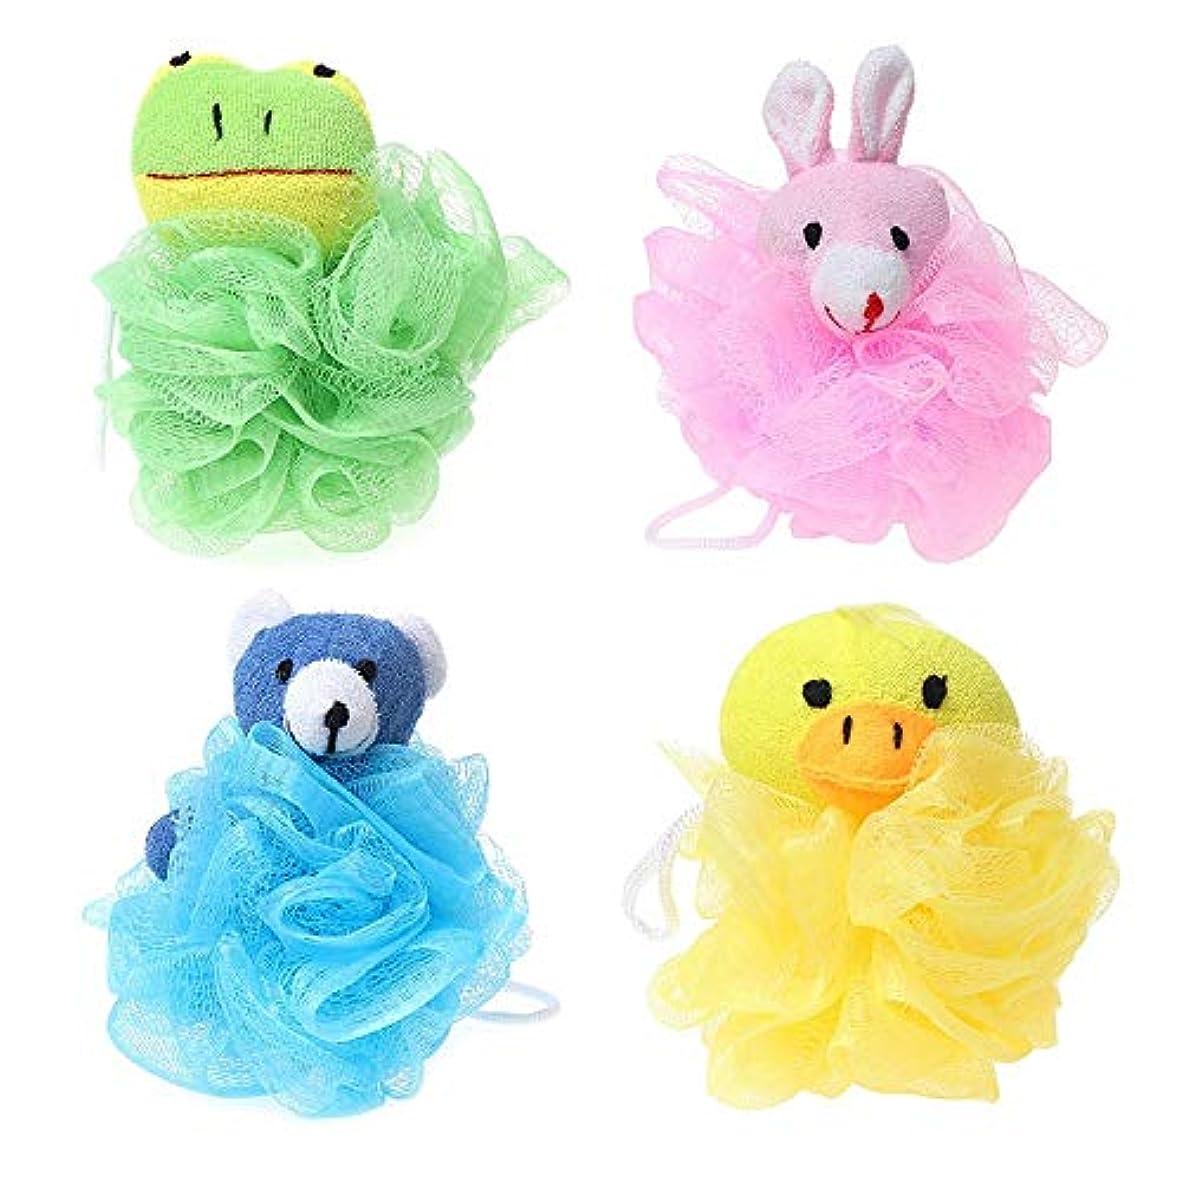 アカデミー師匠ぺディカブNrpfell 子供用おもちゃクッションパフメッシュぬいぐるみ付き(4パック)カエル、アヒル、ウサギ、クマ